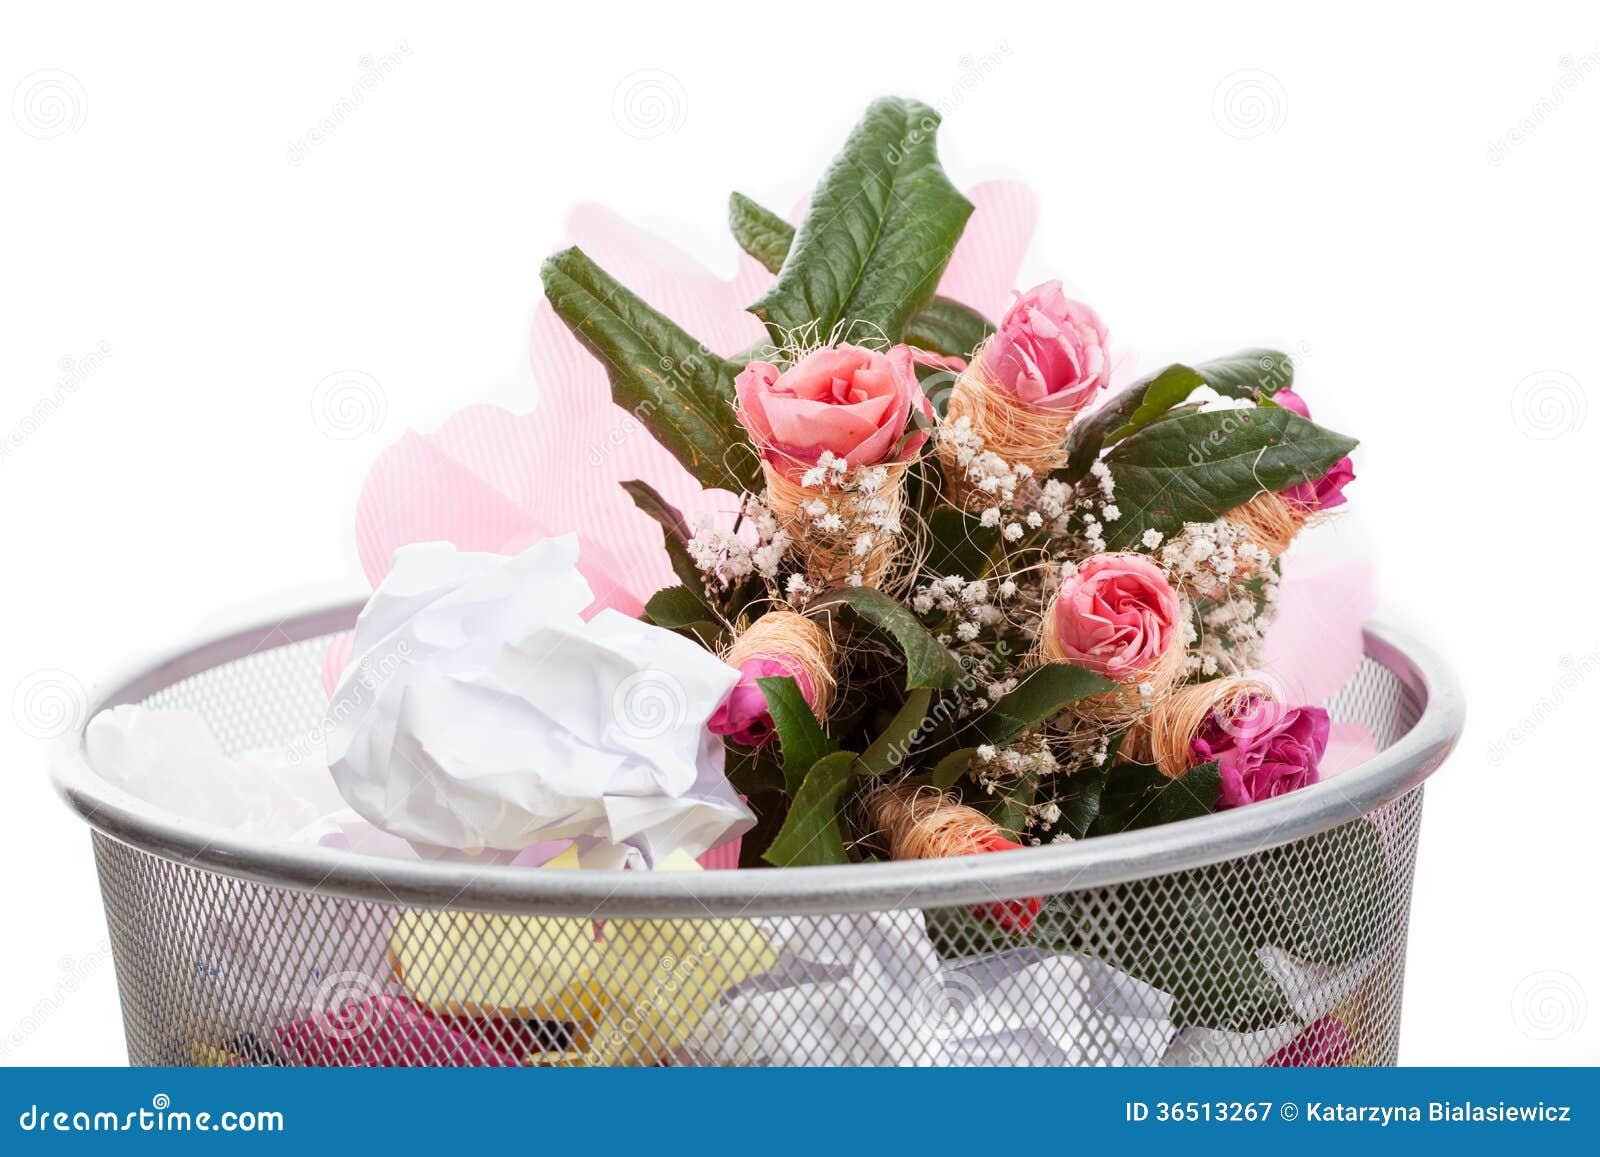 Kwiaty w kosz na śmiecie